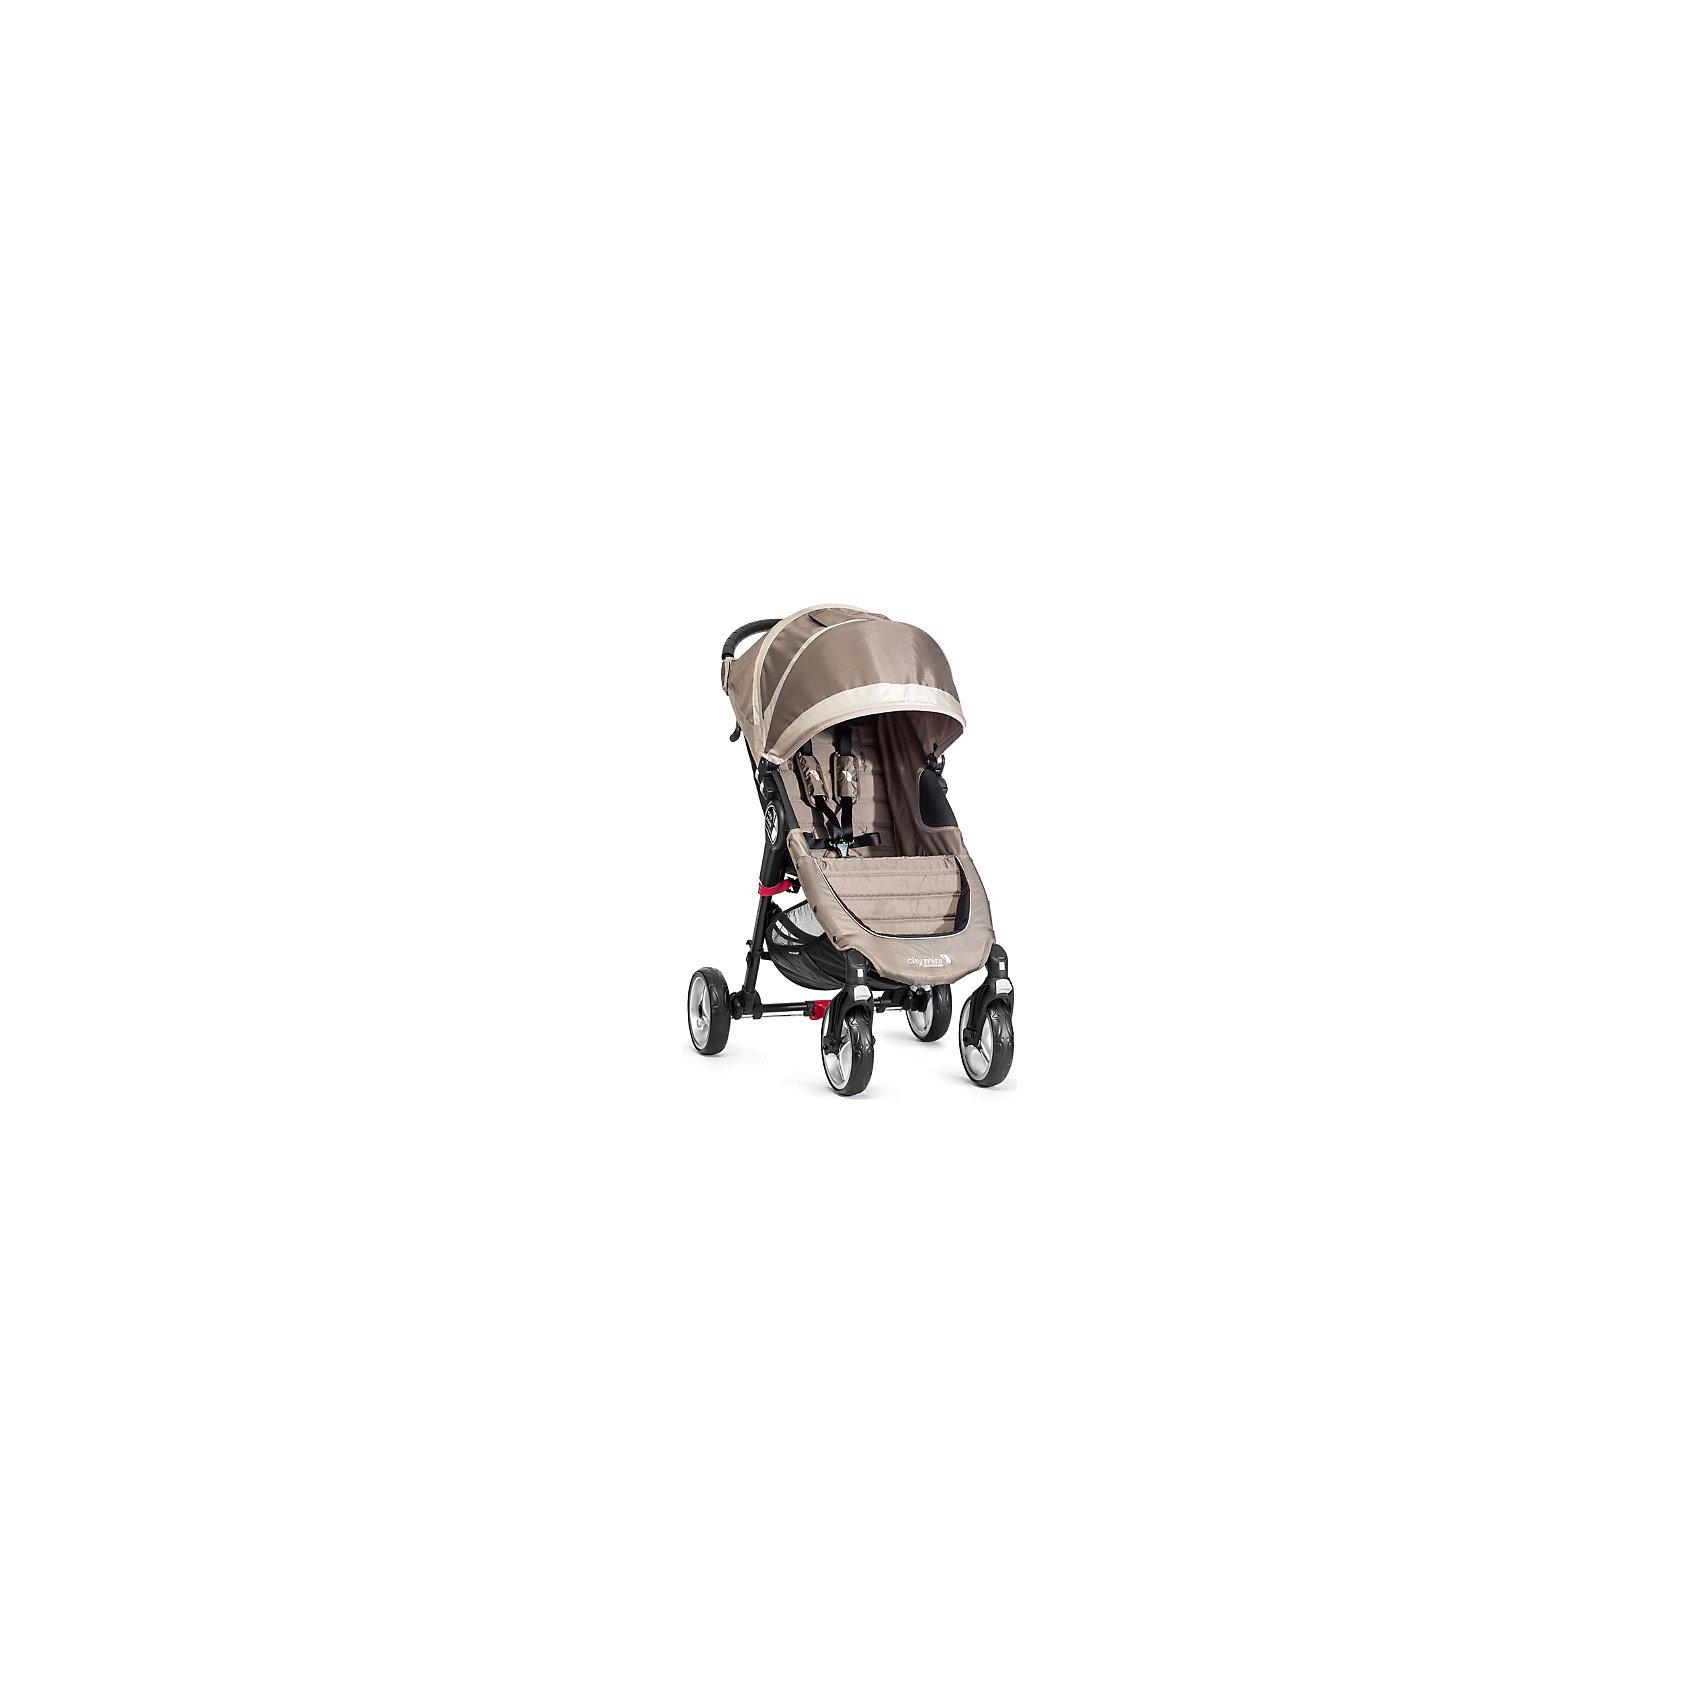 Прогулочная коляска City Mini Single 4Wheel, Baby Jogger, песочно-серыйПрогулочная коляска Baby Jogger City Mini Single - прекрасный вариант для детей и родителей, идеально подходит для городских прогулок и путешествий. Коляска имеет систему амортизации, передние поворотные колеса, небольшую ширину раны, что гарантирует удобство, манёвренность и проходимость. Модель легко складывается одной рукой, имеет систему автофиксации в сложенном виде, ножной тормоз. Удобное просторное сиденье эргономичной формы, глубокий капюшон с сетчатым окошком, регулируемая спинка обеспечат малышу спокойный и комфортный отдых, а пятиточечные страховочные ремни с мягкими накладками гарантируют безопасность. City Mini с легкостью заменит коляску-трость и при этом даст вам и вашему ребенку гораздо больше комфорта.<br><br>Дополнительная информация:<br><br>- Материал: алюминий, текстиль, резина, пластик.<br>- Размер: 100 x 61 x 105  см.<br>- Размер в сложенном виде: 76х61х25 см.<br>- Количество колес: 4.<br>- Тип складывания: книжка.<br>- Колеса съемные.<br>- Диаметр колес: 20 см.<br>- Ножной тормоз.<br>- Регулируемый наклон спинки (до 170 градусов).<br>- Пятиточечные ремни безопасности.<br>- Корзина для вещей.<br>- Сетчатый карман для мелочей. <br>- Глубокий капюшон с сетчатым окошком (закрывается). <br>- Система автофиксации коляски в сложенном виде.<br>- Полукруглая ручка удобной эргономичной формы.<br>- Максимальный вес ребенка: 23 кг.<br>- Вес: 7 кг. <br><br>Прогулочную коляску City Mini Single 4Wheel, Baby Jogger (Бэби Джоггер), песочно-серую можно купить в нашем магазине.<br><br>Ширина мм: 1000<br>Глубина мм: 610<br>Высота мм: 1050<br>Вес г: 10000<br>Возраст от месяцев: 6<br>Возраст до месяцев: 36<br>Пол: Унисекс<br>Возраст: Детский<br>SKU: 4711685